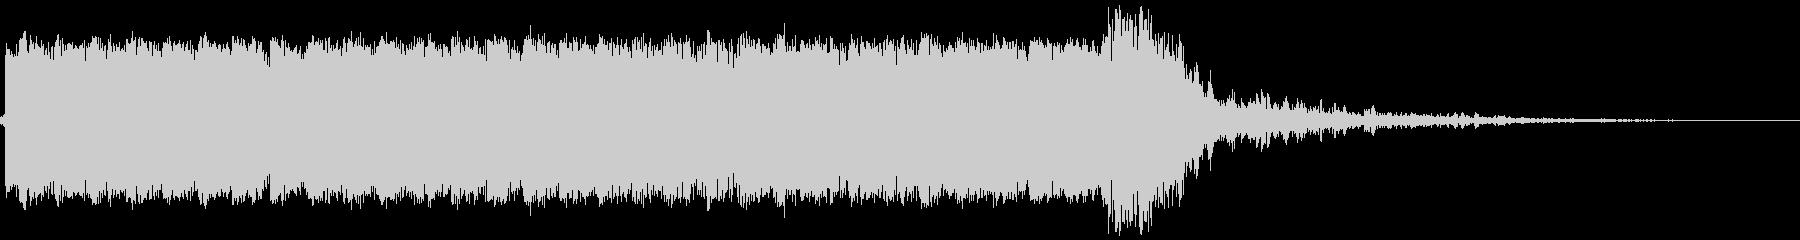 マシンガン(跳弾音なし)の未再生の波形